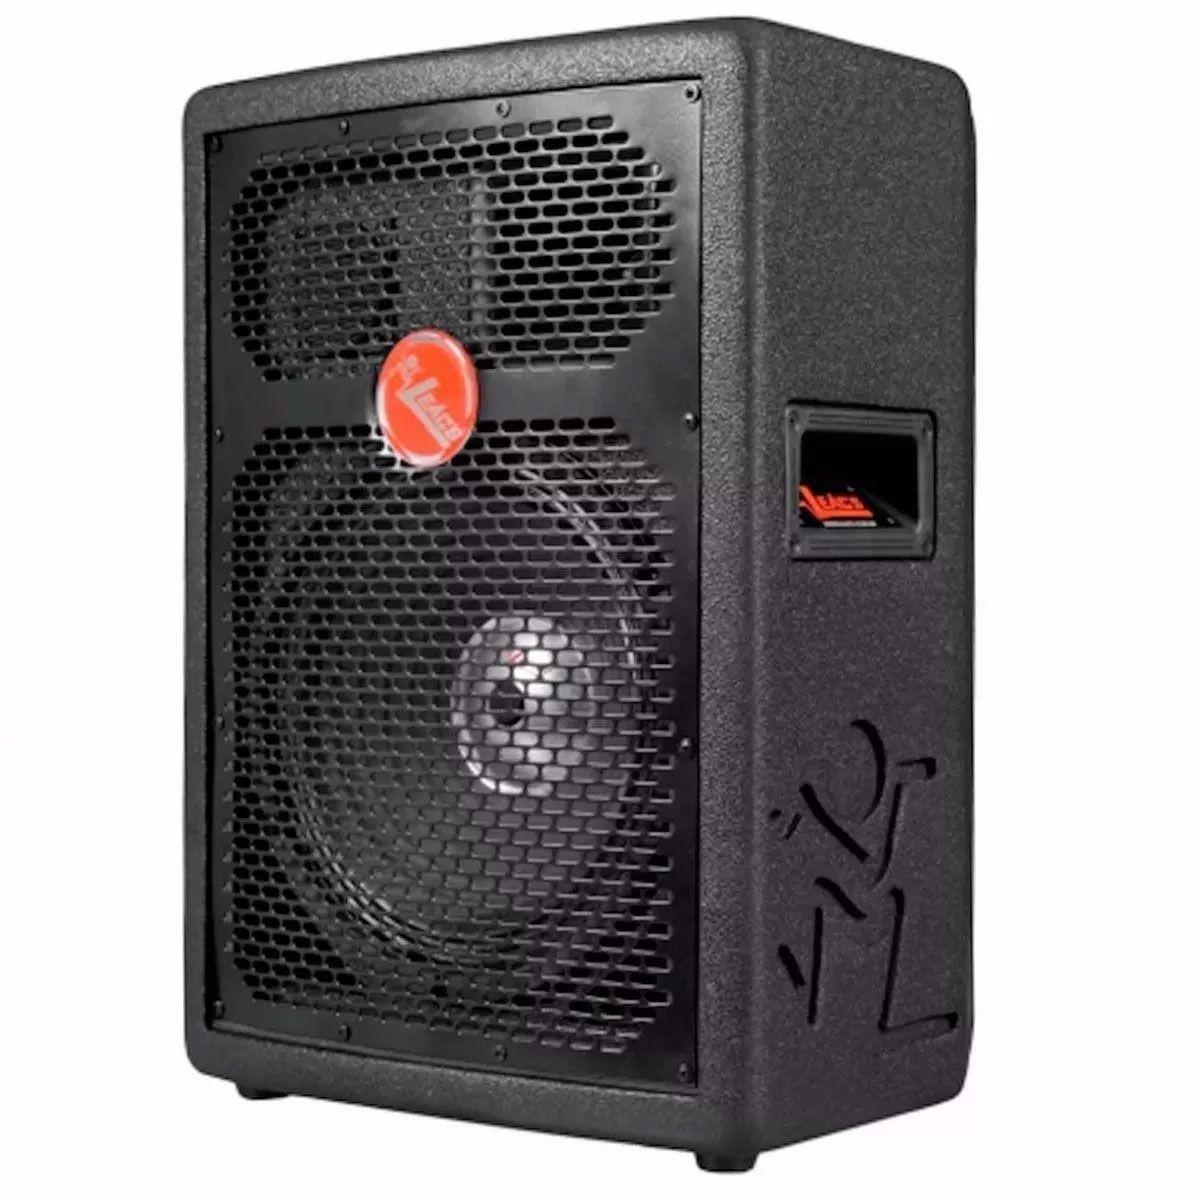 Caixa Amplificada Leacs Fit160a Bluetooth Usb/Sd/Fm,Fal10 Disp.Dig.Cont.Rem.Ativa 150wrms